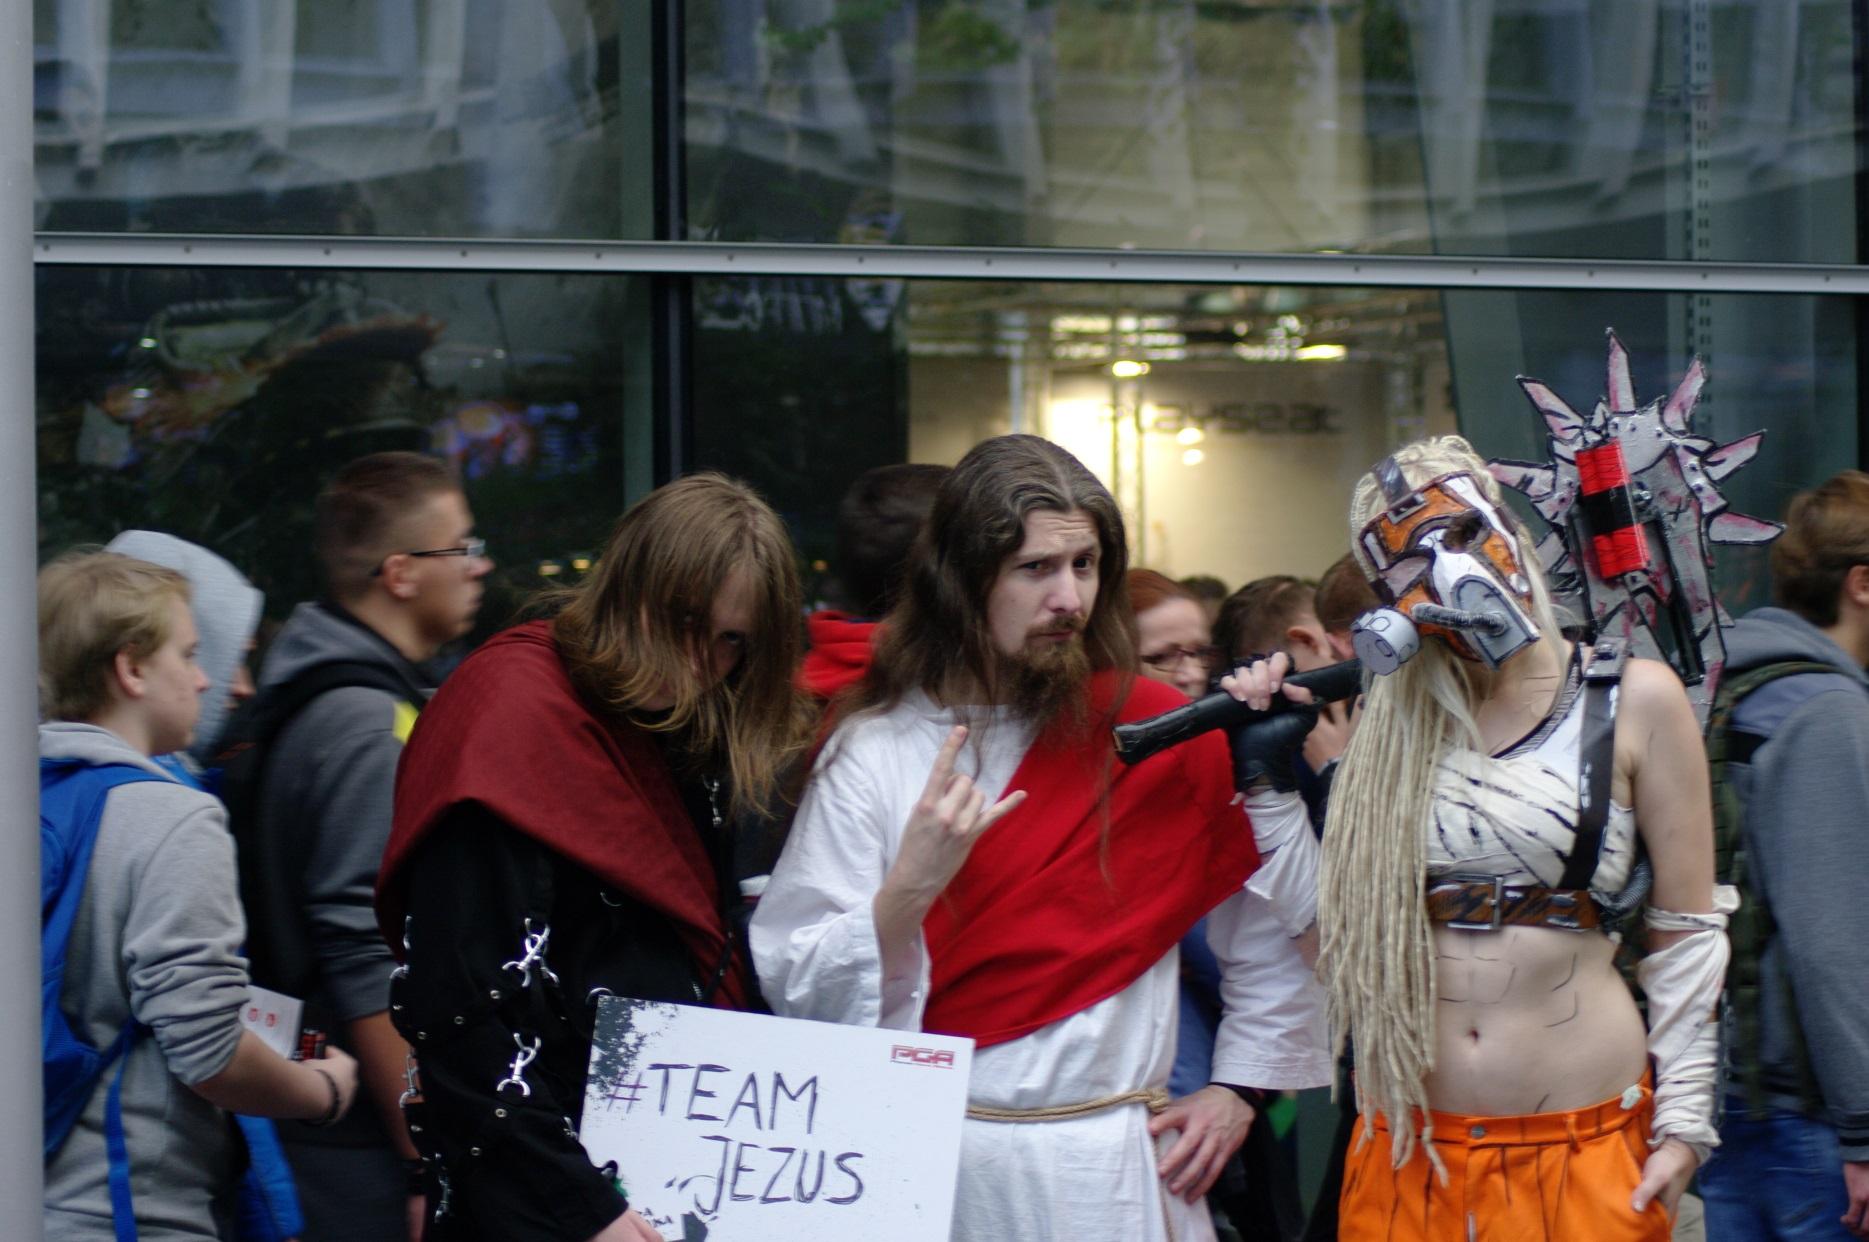 #TeamJezus. Kolejka po zdjęcie cały czas